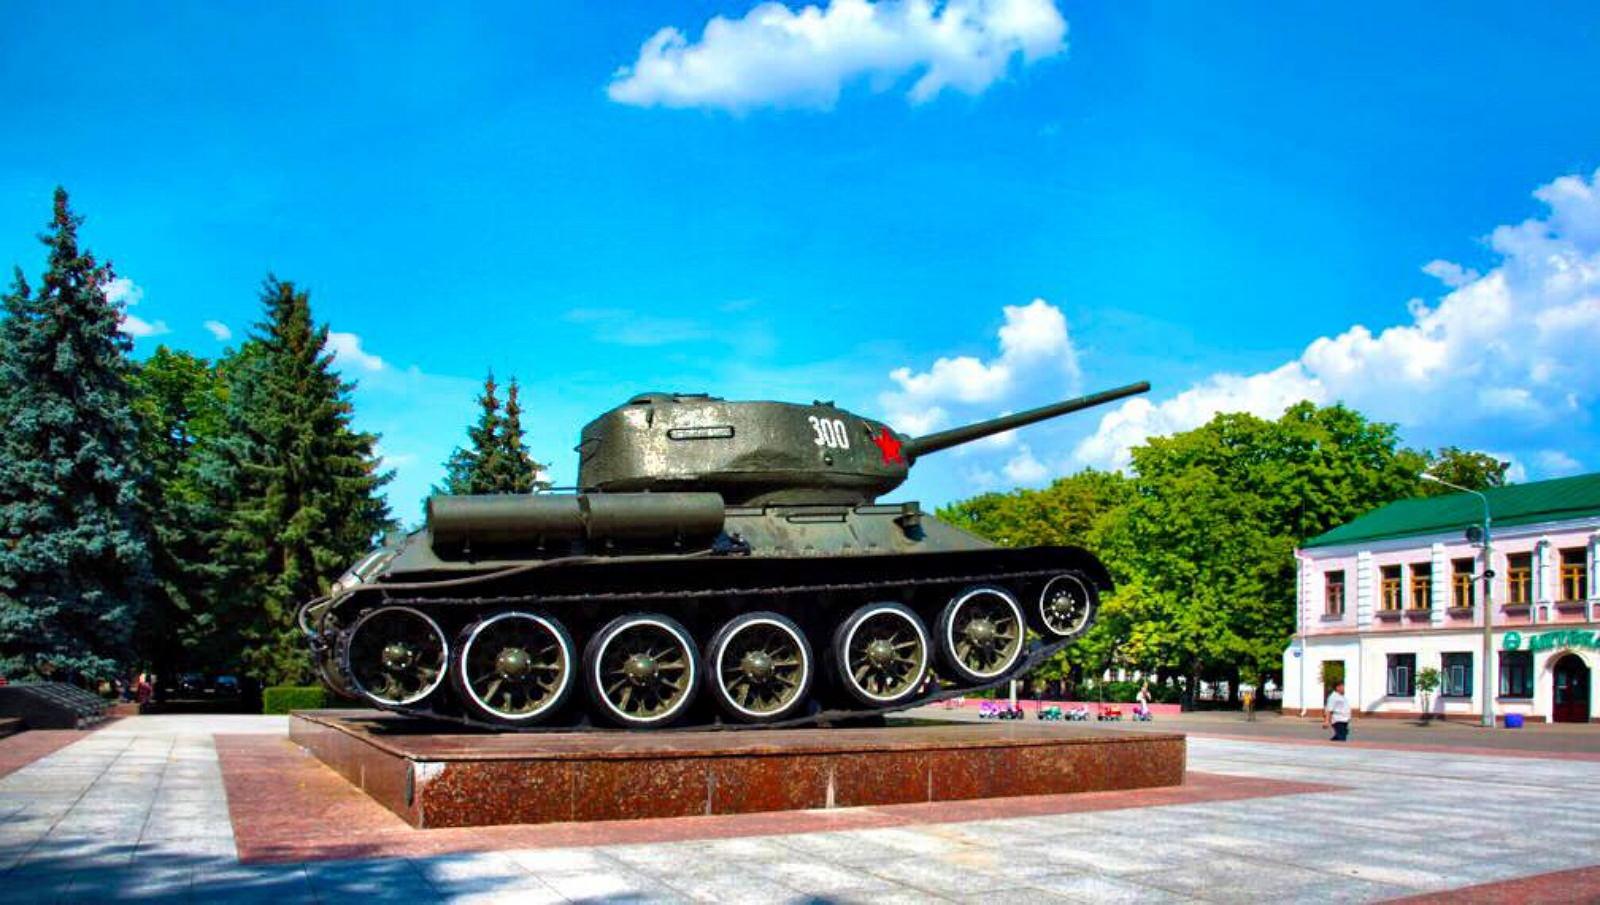 Tank in Bobruisk Belarus